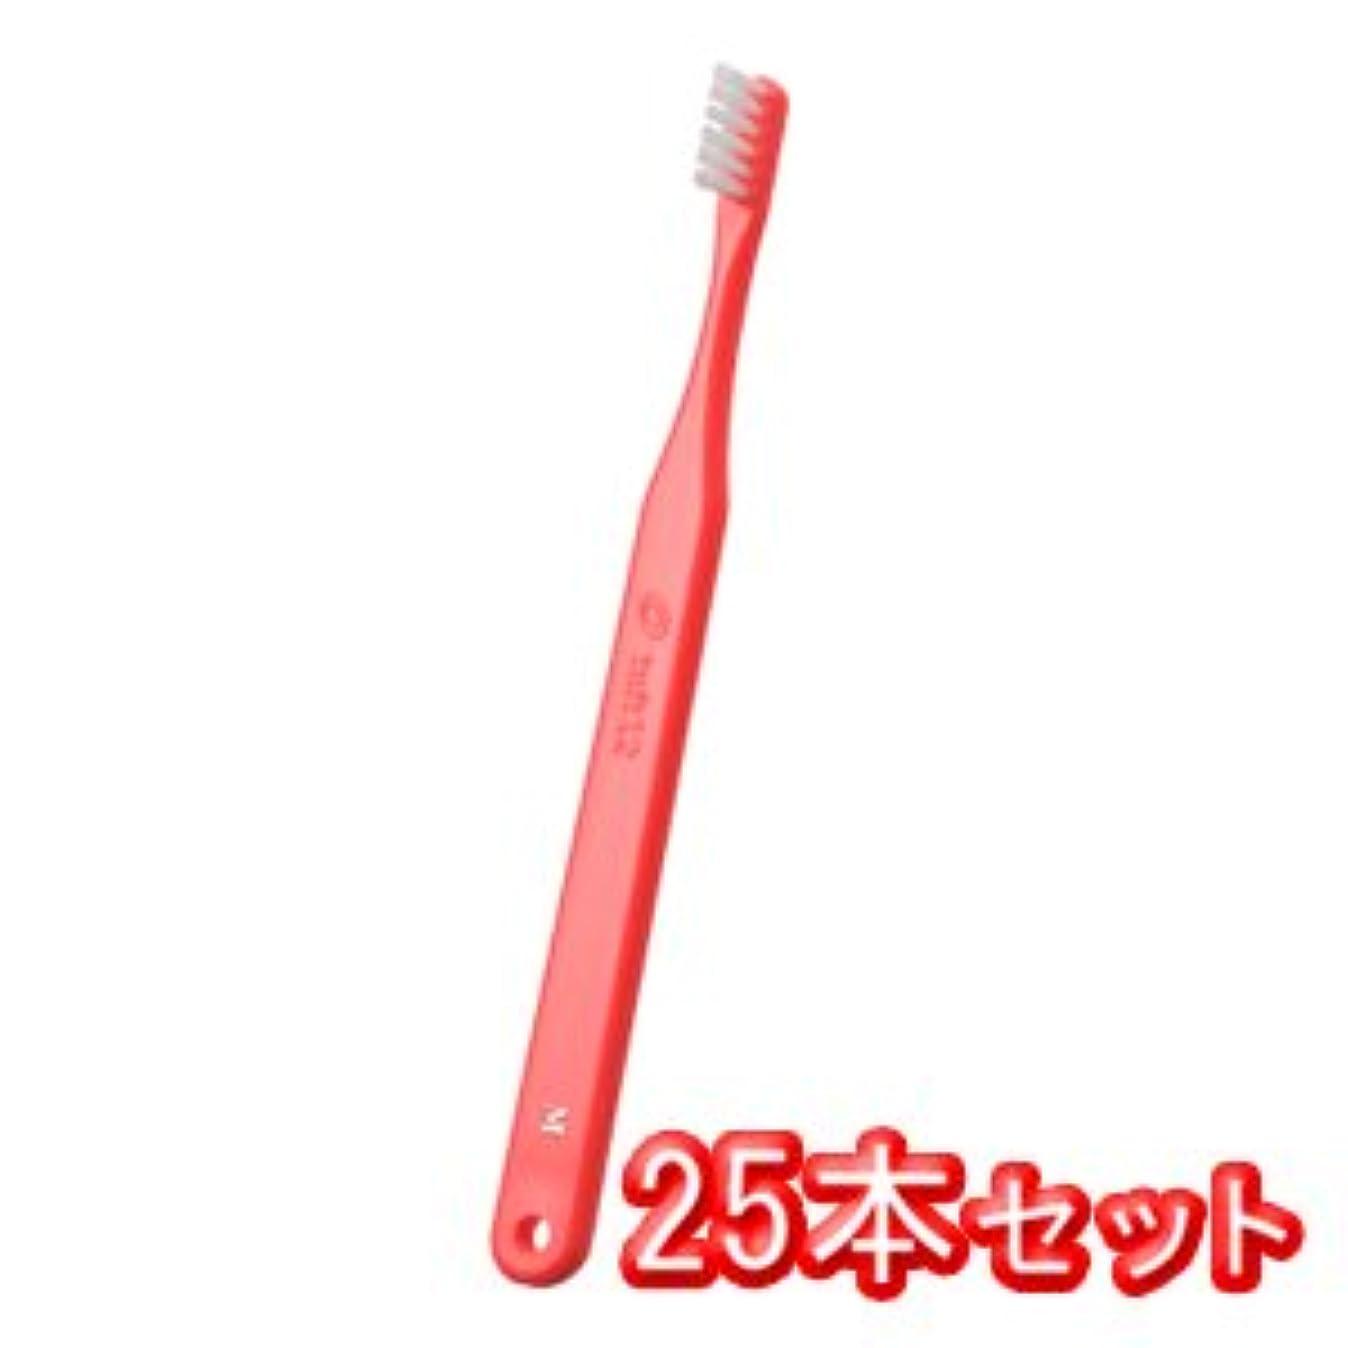 持つ優先権乳オーラルケア タフト12 歯ブラシ 25本入 ミディアム M レッド